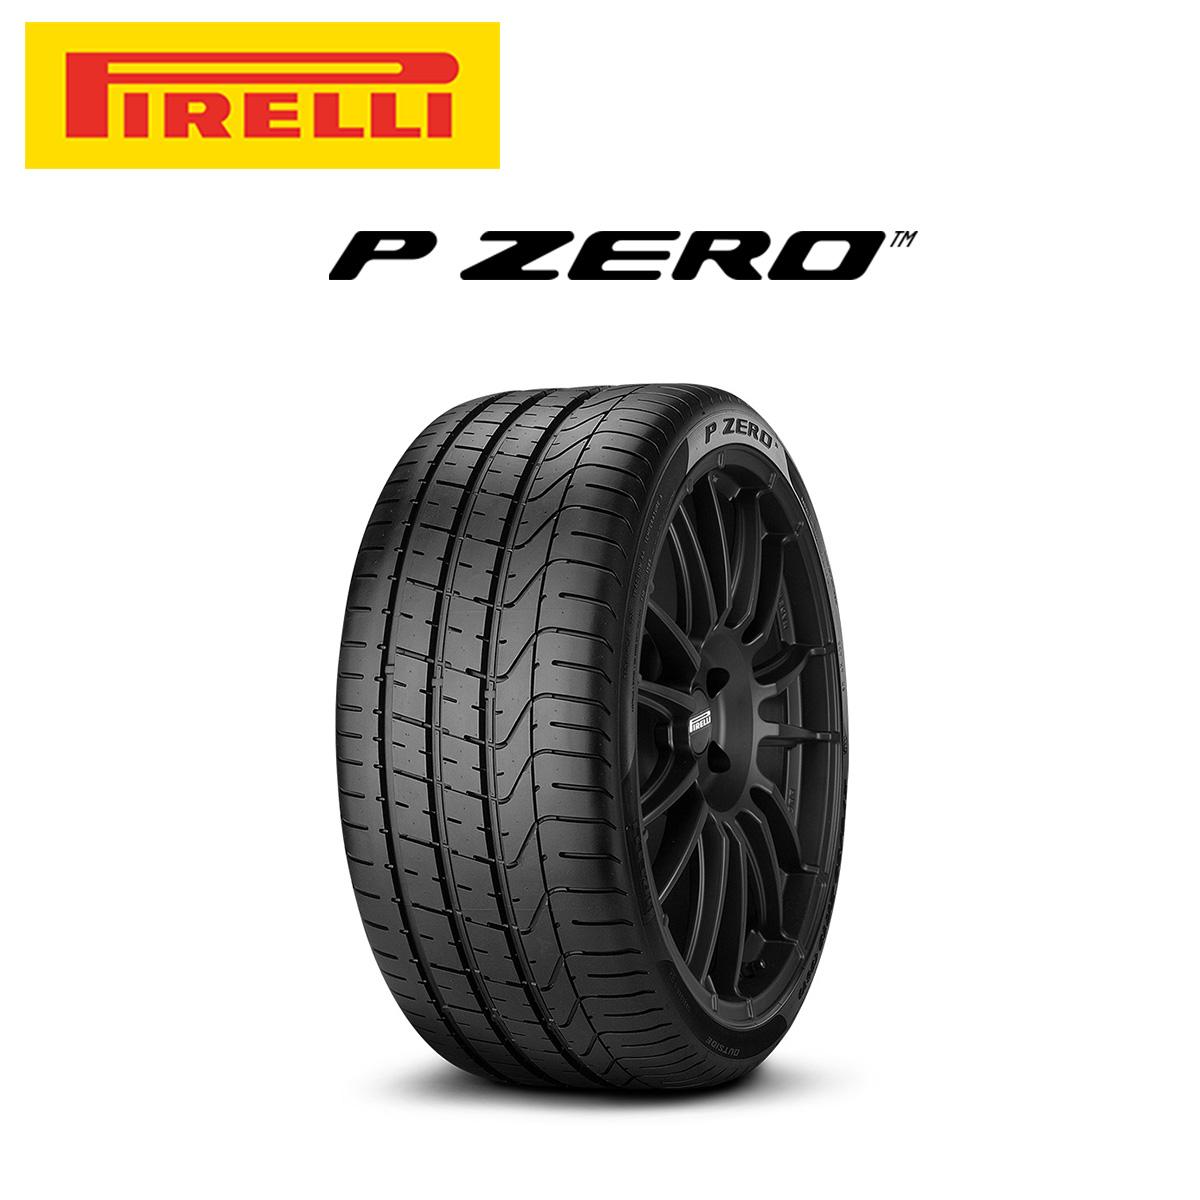 ピレリ PIRELLI P ZERO ピーゼロ 22インチ サマー タイヤ 1本 285/40ZR22 110Y XL B:ベントレー承認タイヤ 2463600